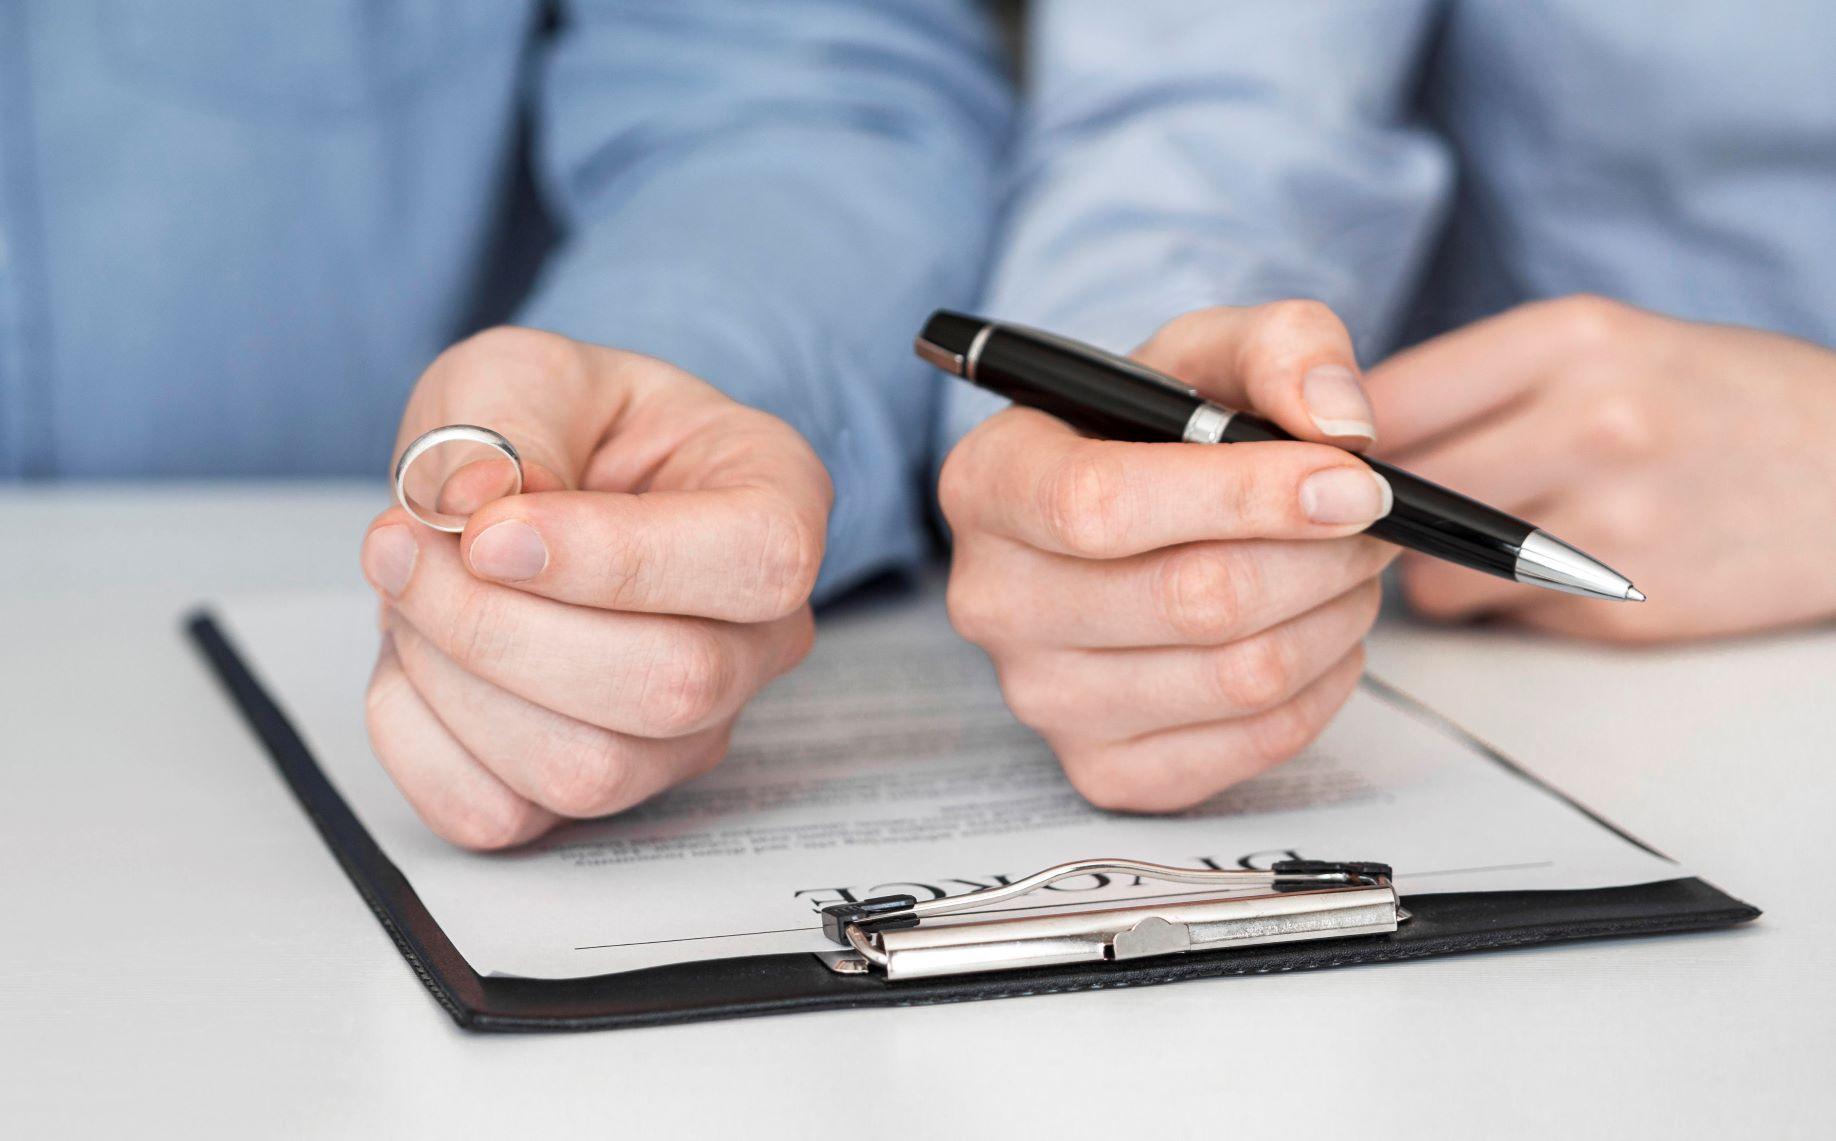 Pensioenfederatie: Wet Pensioenverdeling bij scheiding kan beter worden uitgesteld